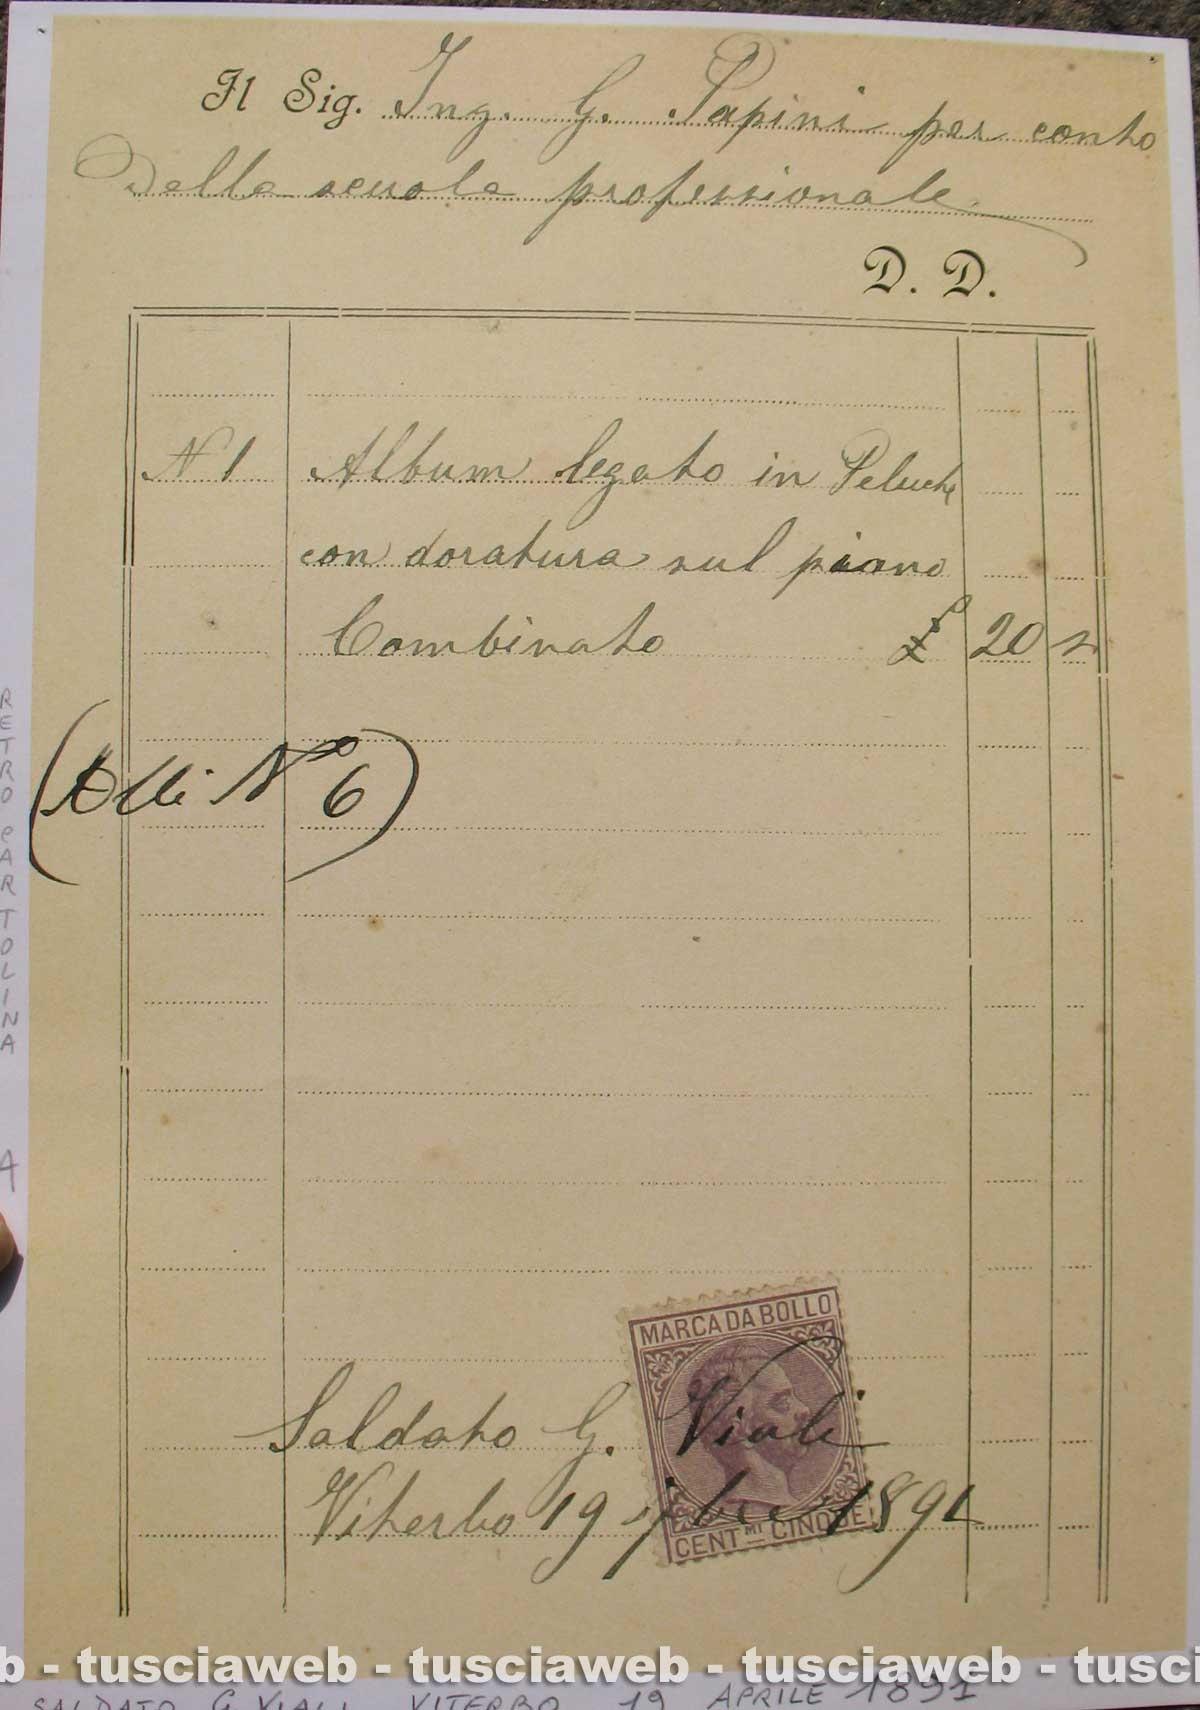 Viterbo - Antica legatoria Viali - Ricevuta commerciale 1891